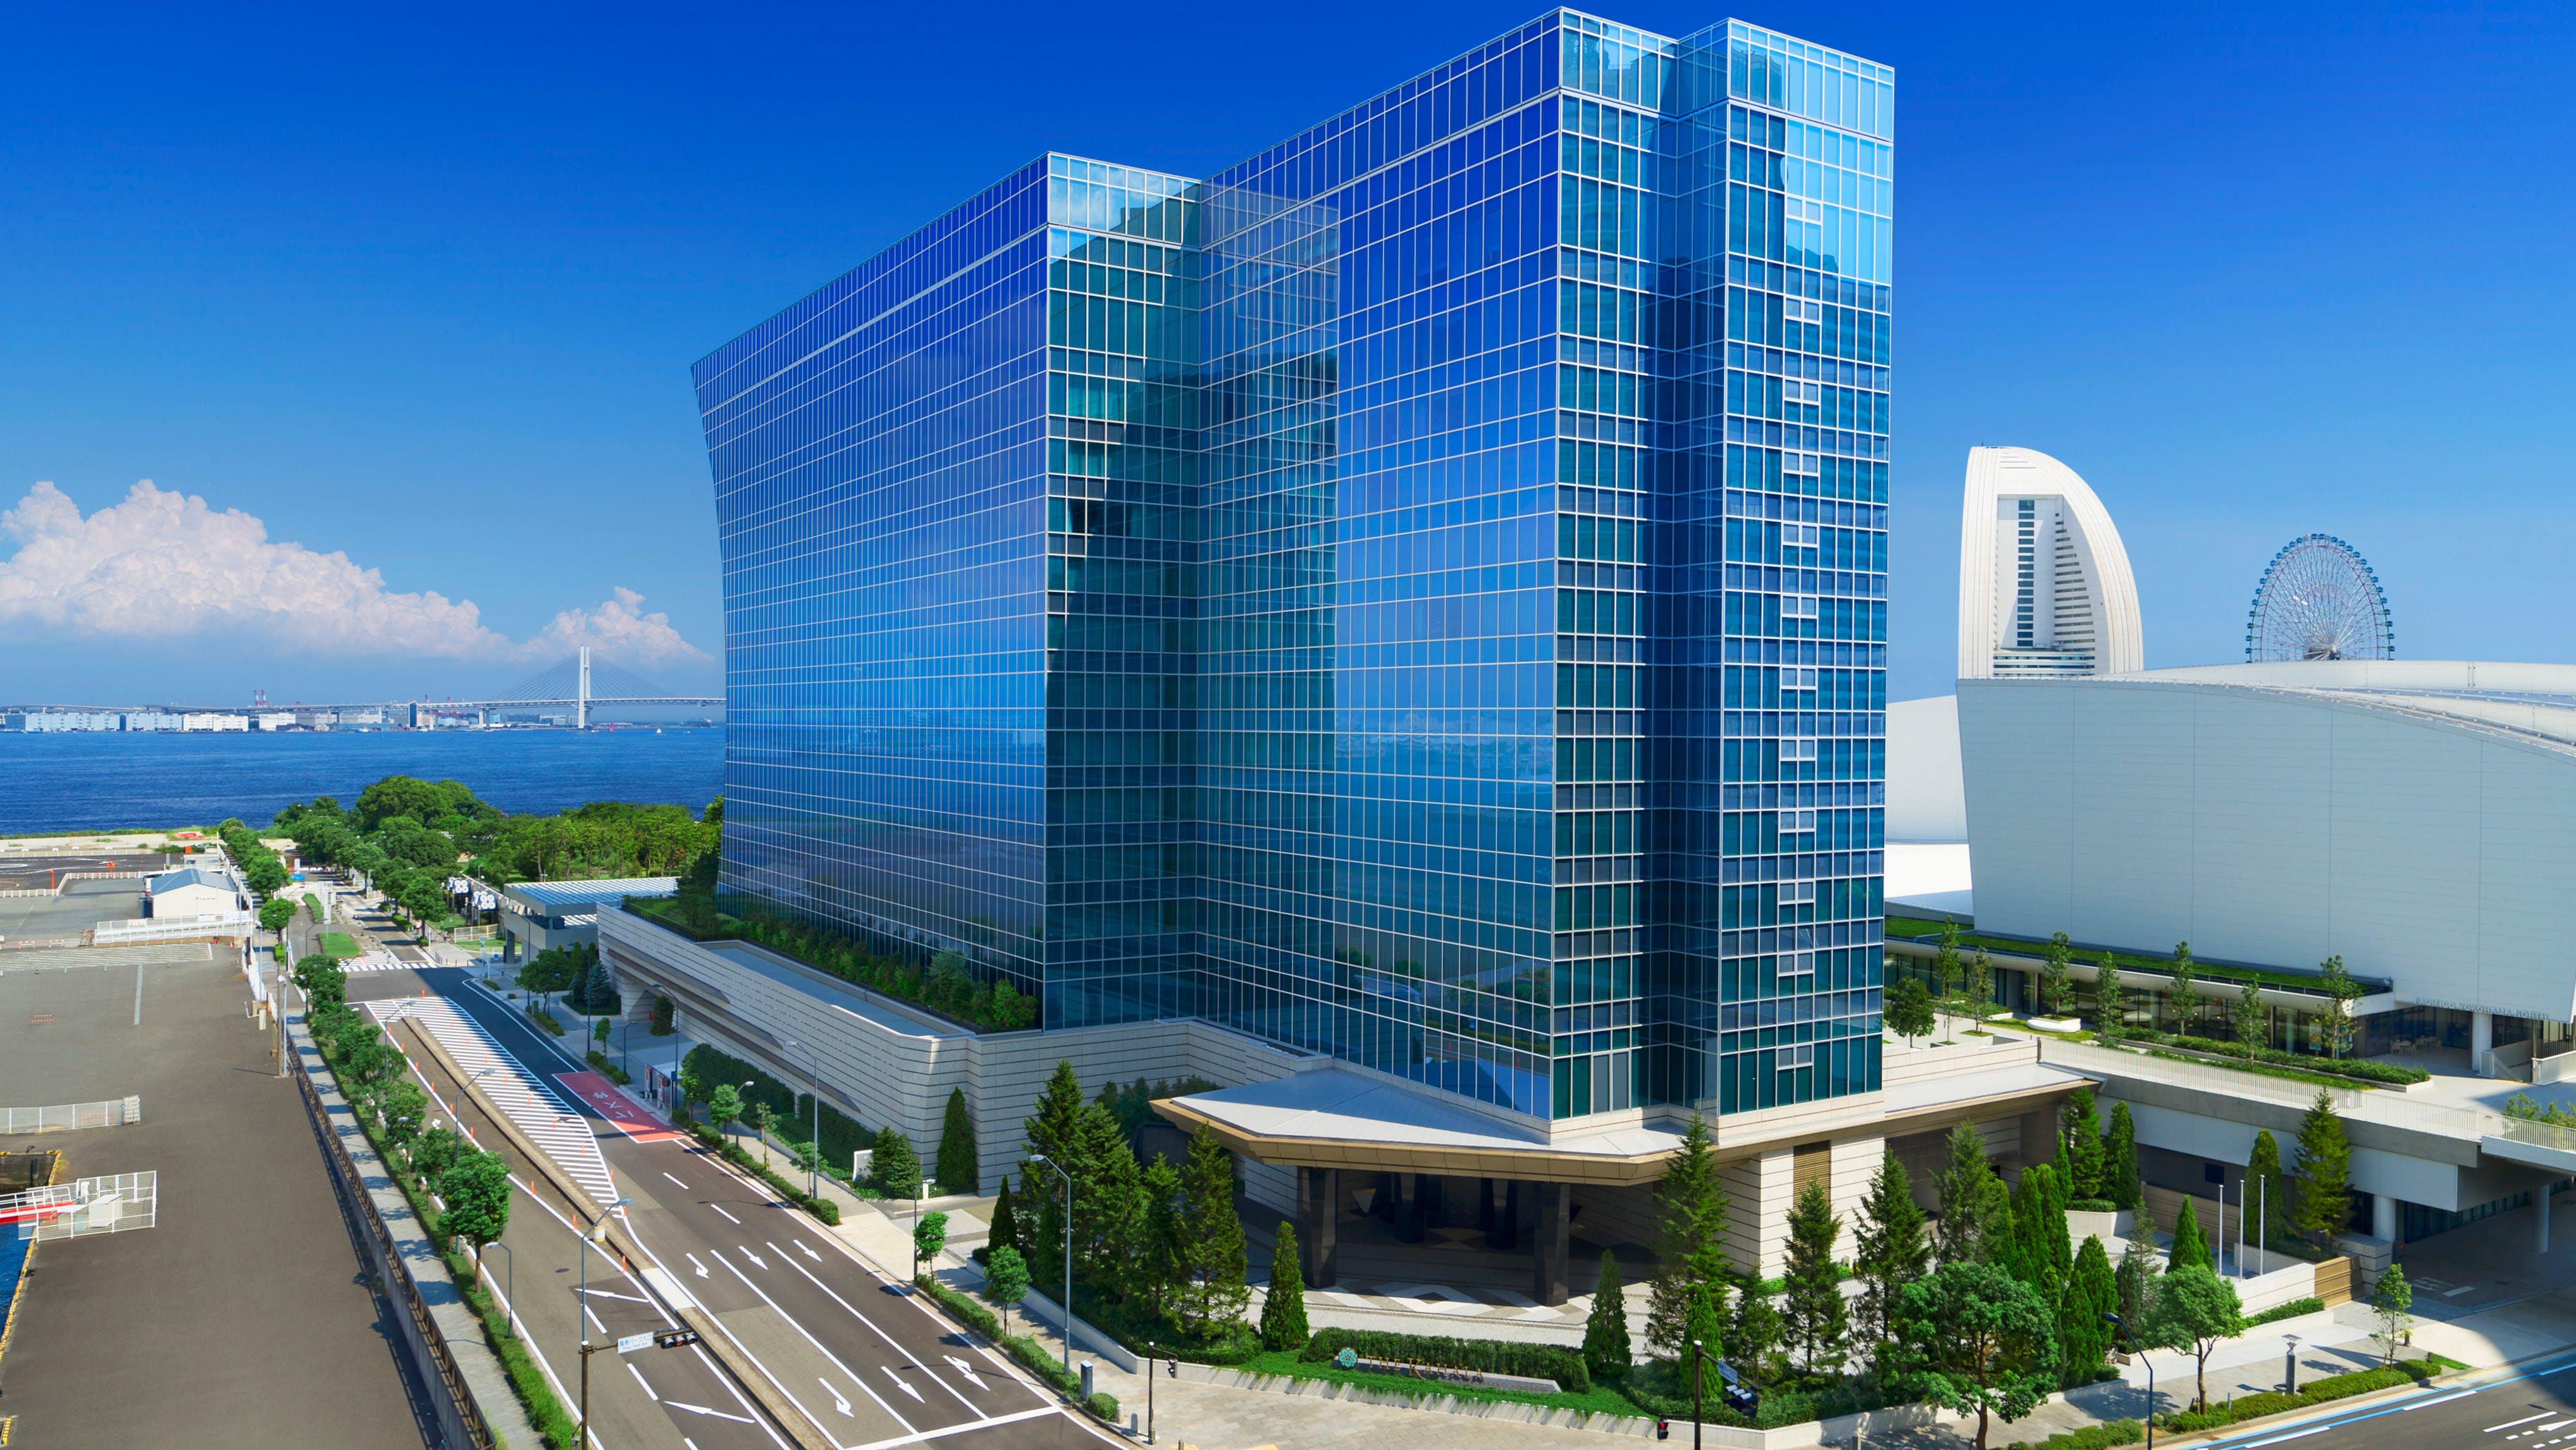 ハワイ・ホノルルの名門ホテル「ザ・カハラ・ホテル&リゾート 横浜」が2020年9月に誕生!